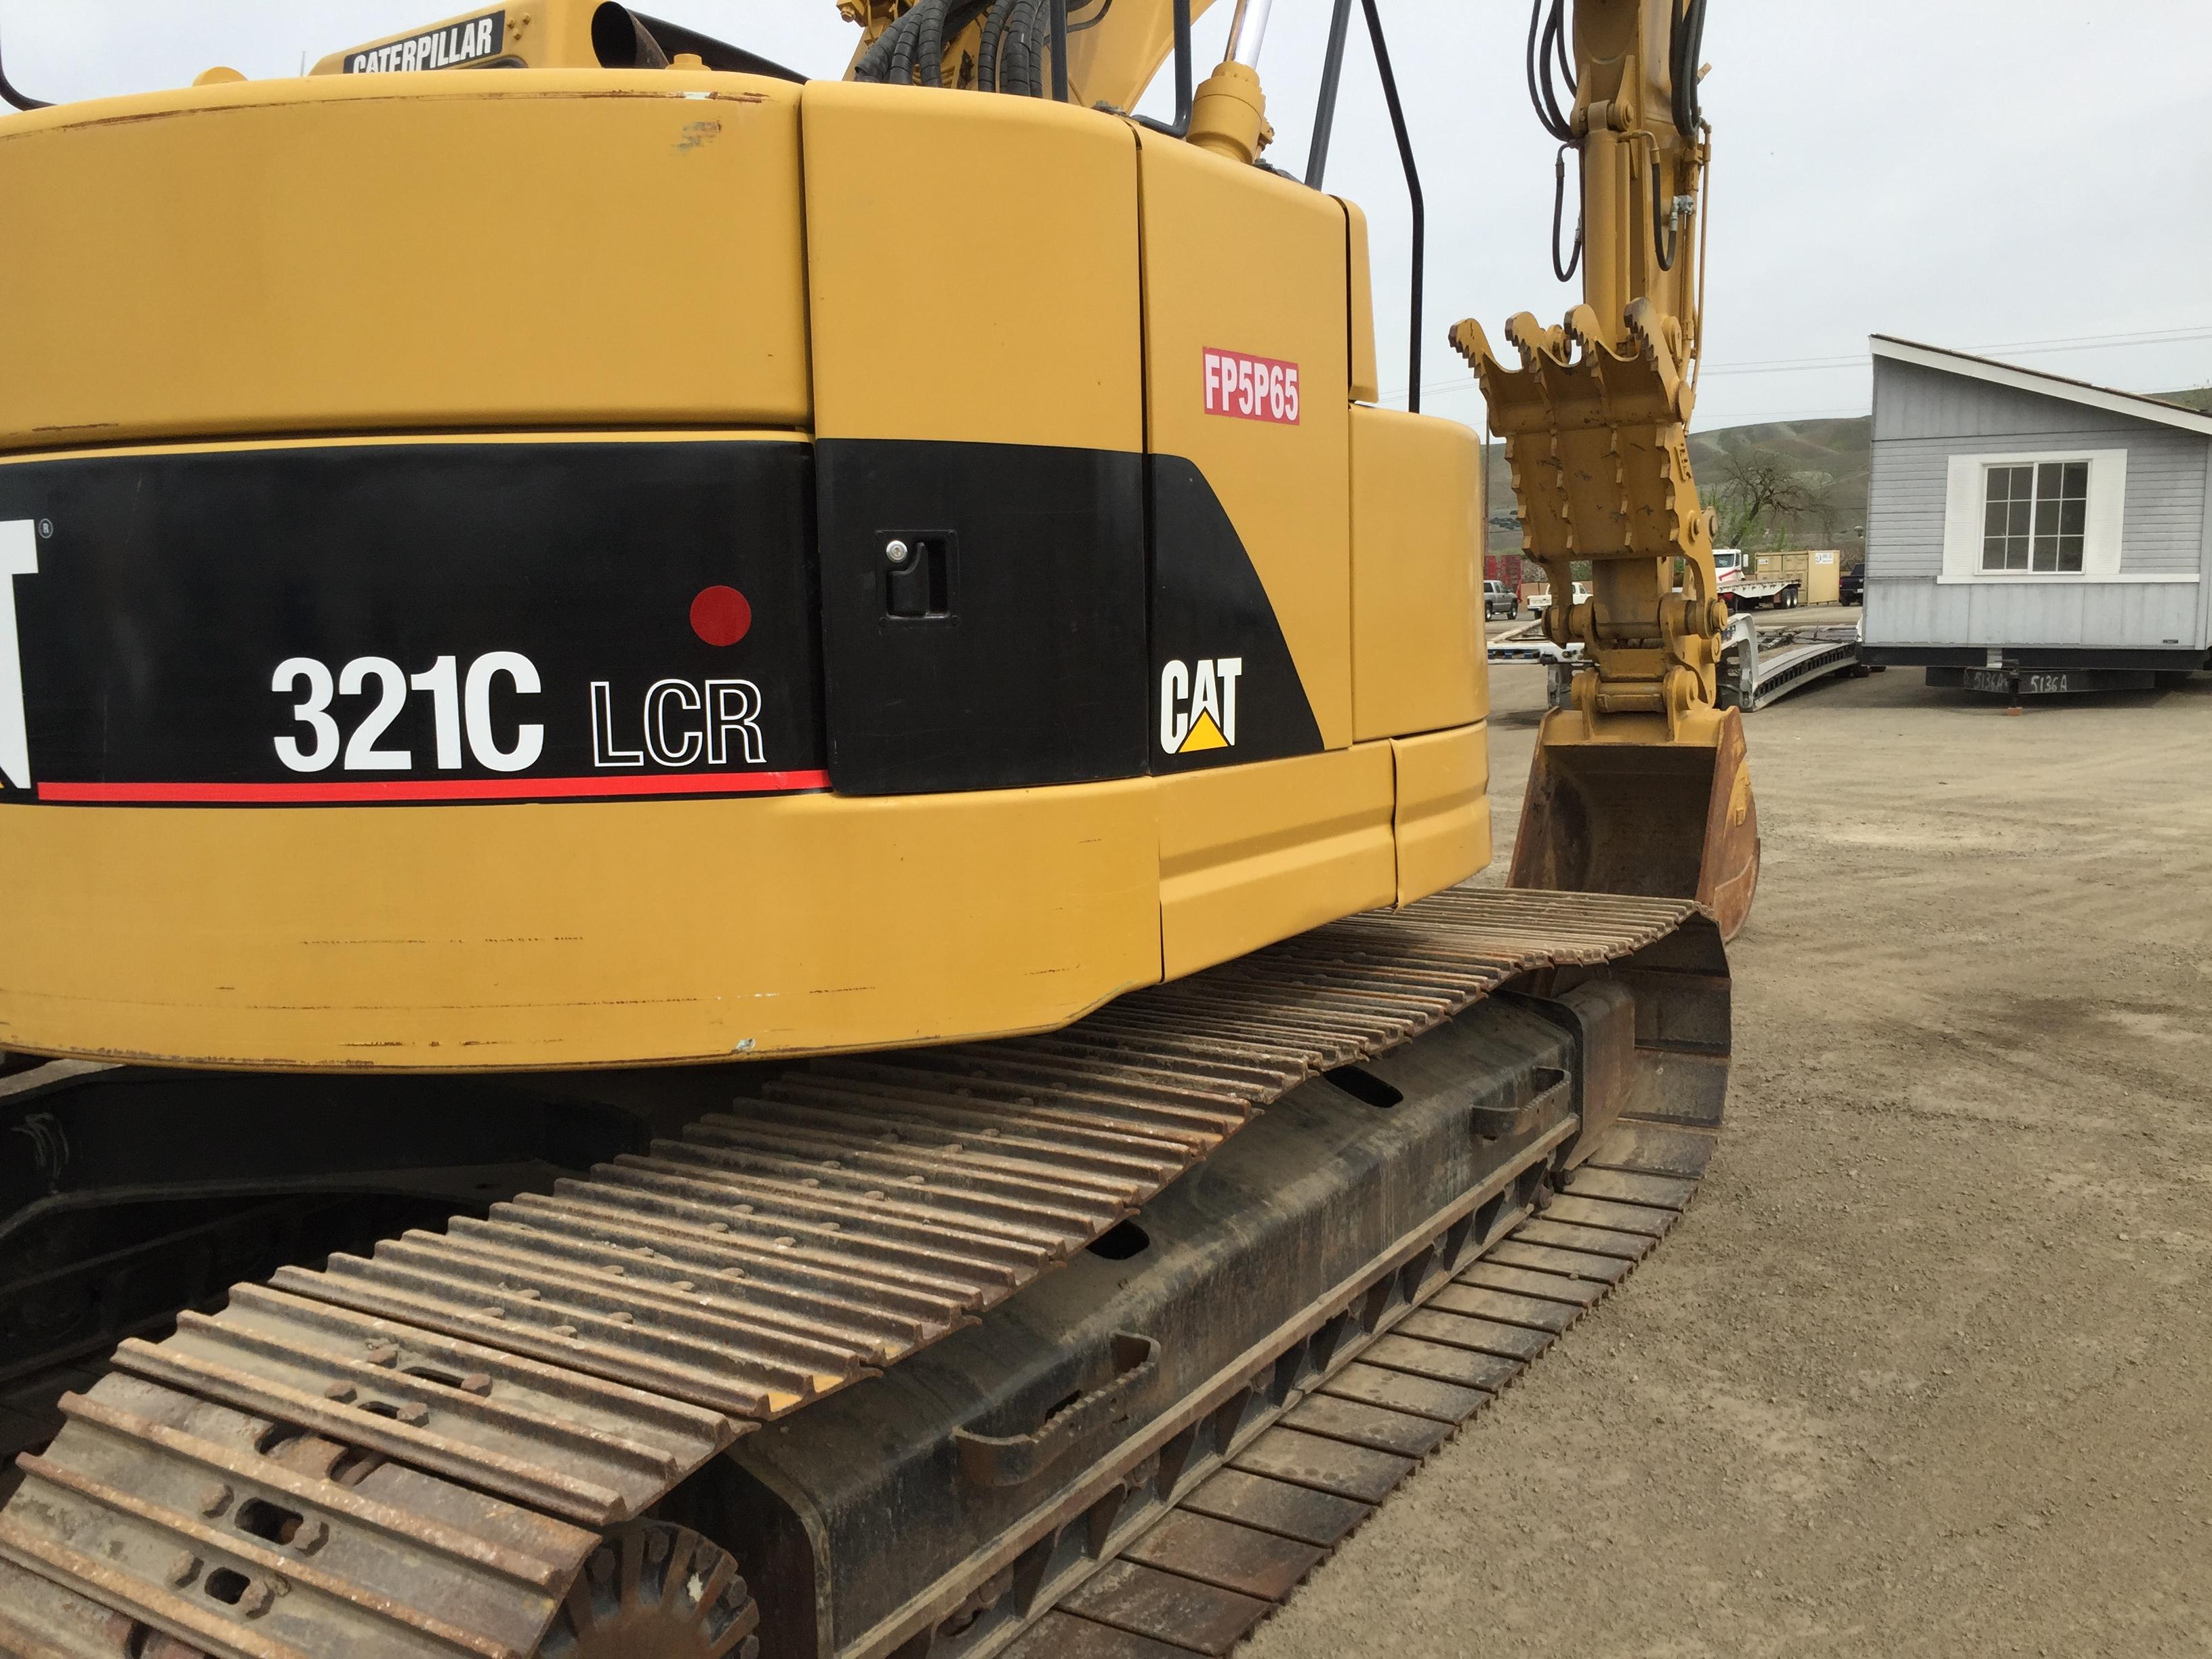 2005 CAT 321C LCR Excavator, Used 2005 CAT 321C LCR Excavator